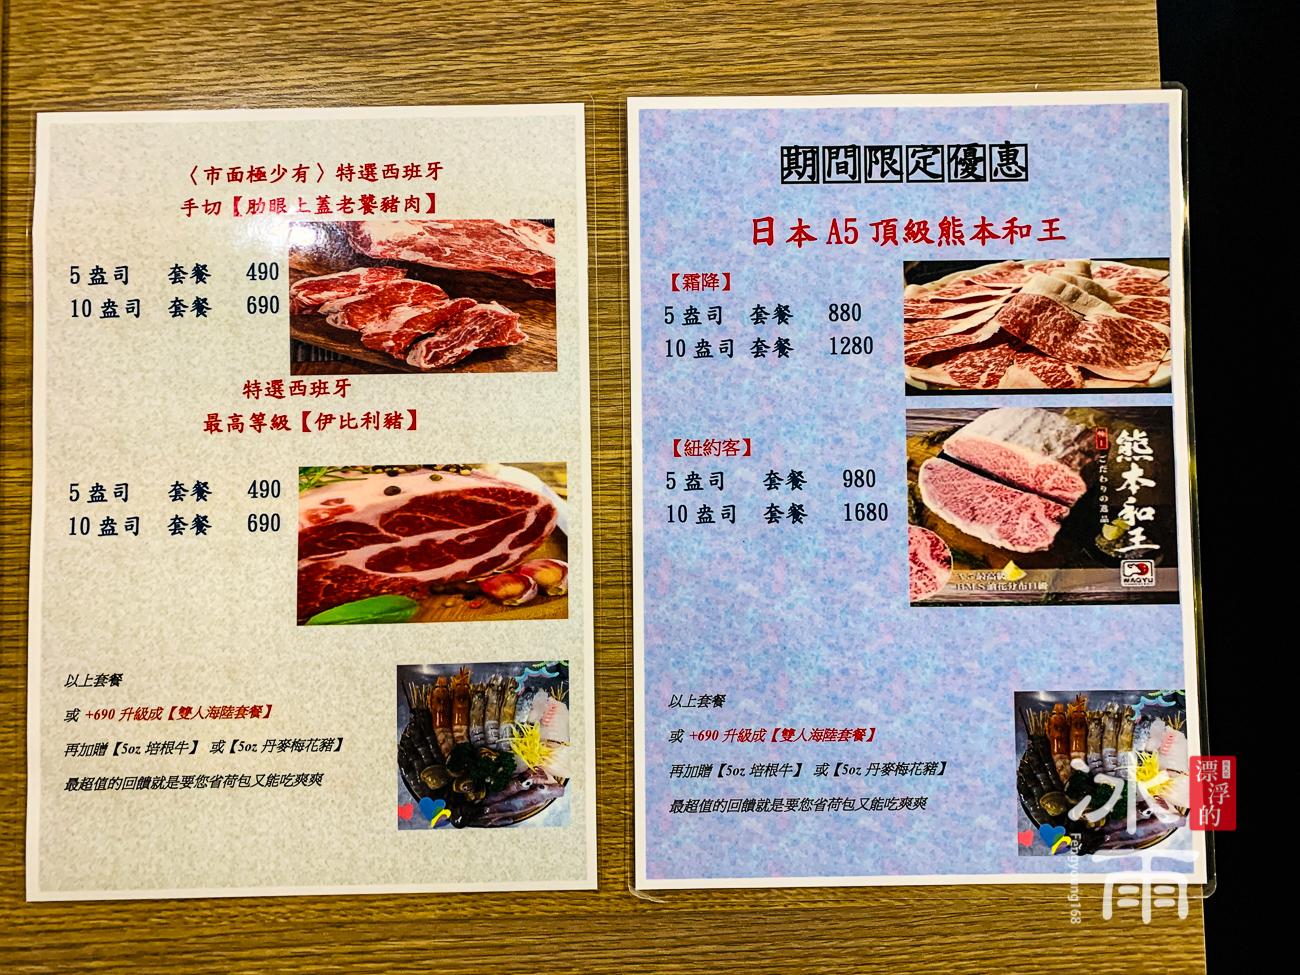 築湘養生麻辣火鍋店|菜單2